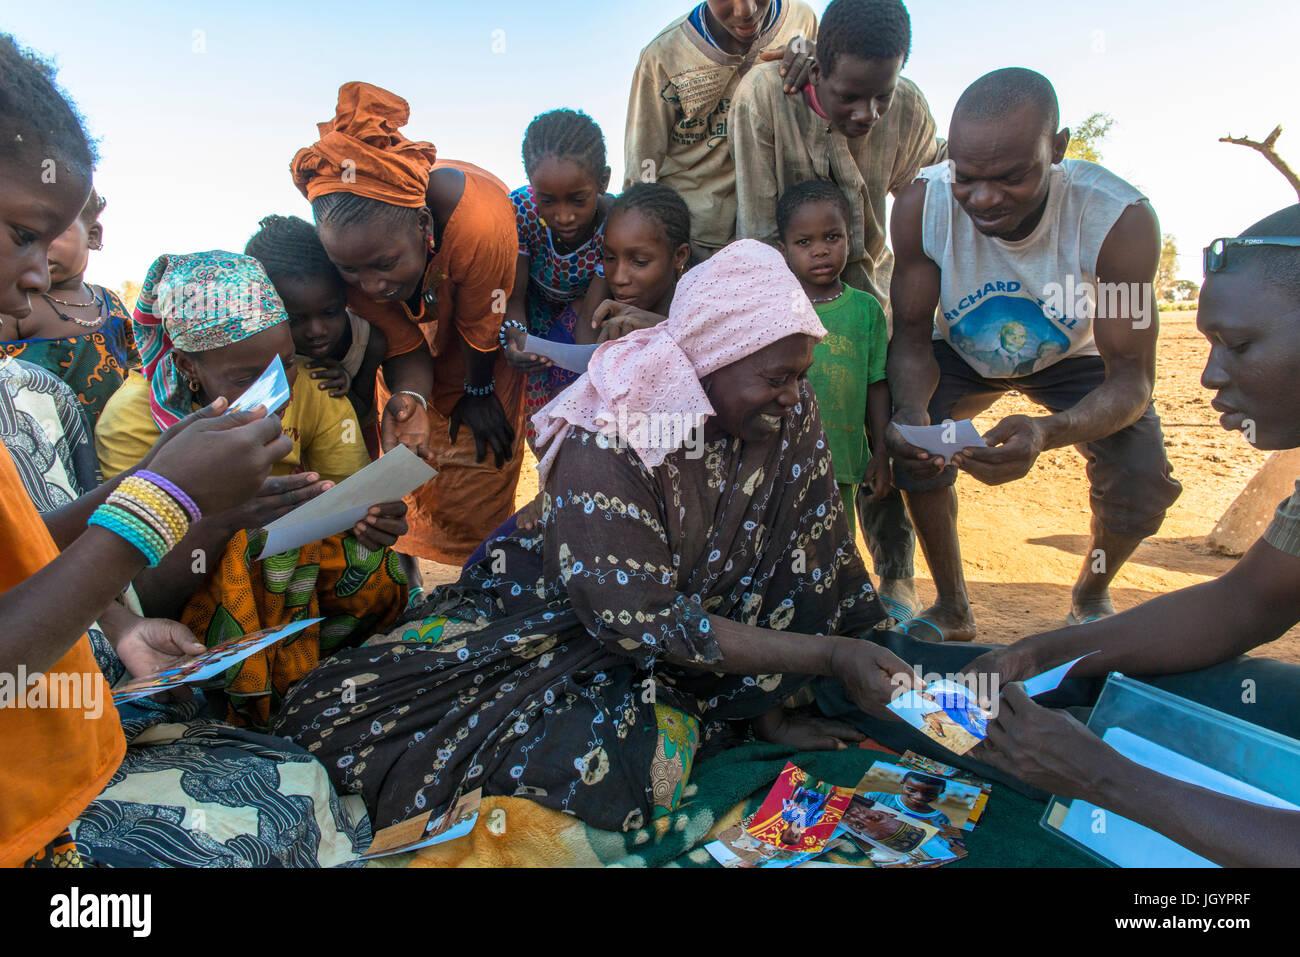 Les villageois africains à la recherche de photographies d'eux-mêmes. Le Sénégal. Photo Stock